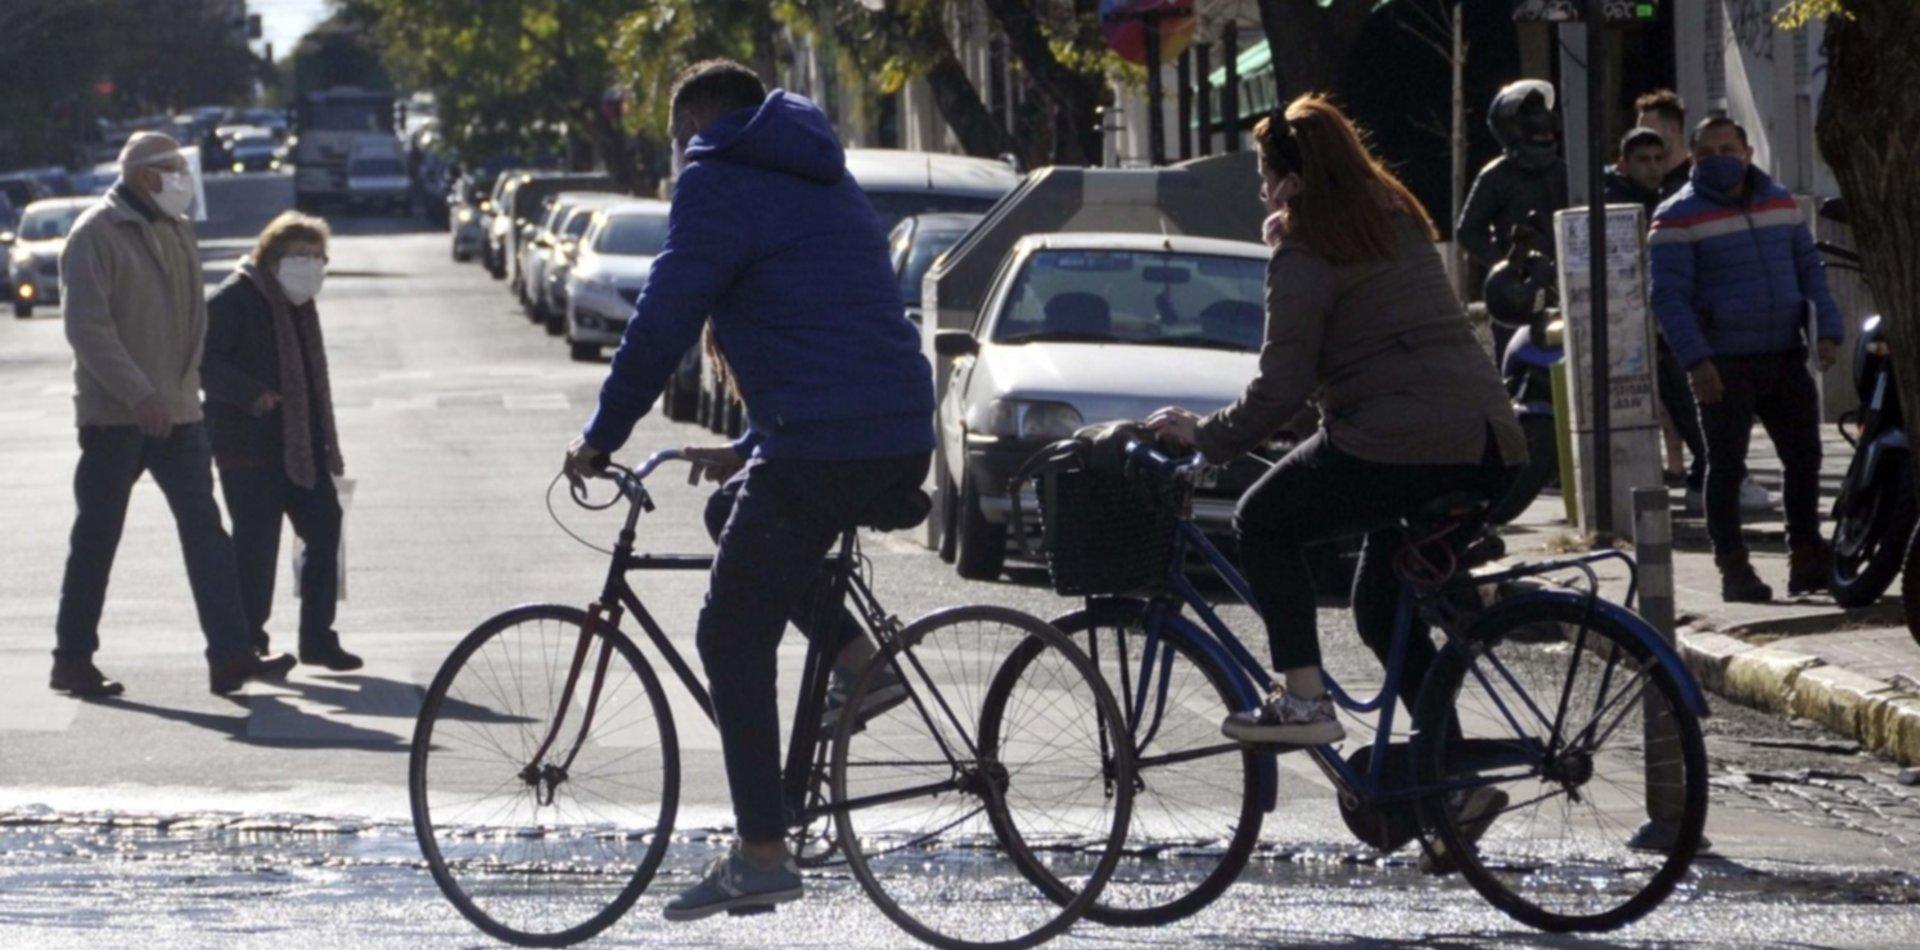 Todo listo para una jornada al aire libre sobre bicicletas y cicloturismo